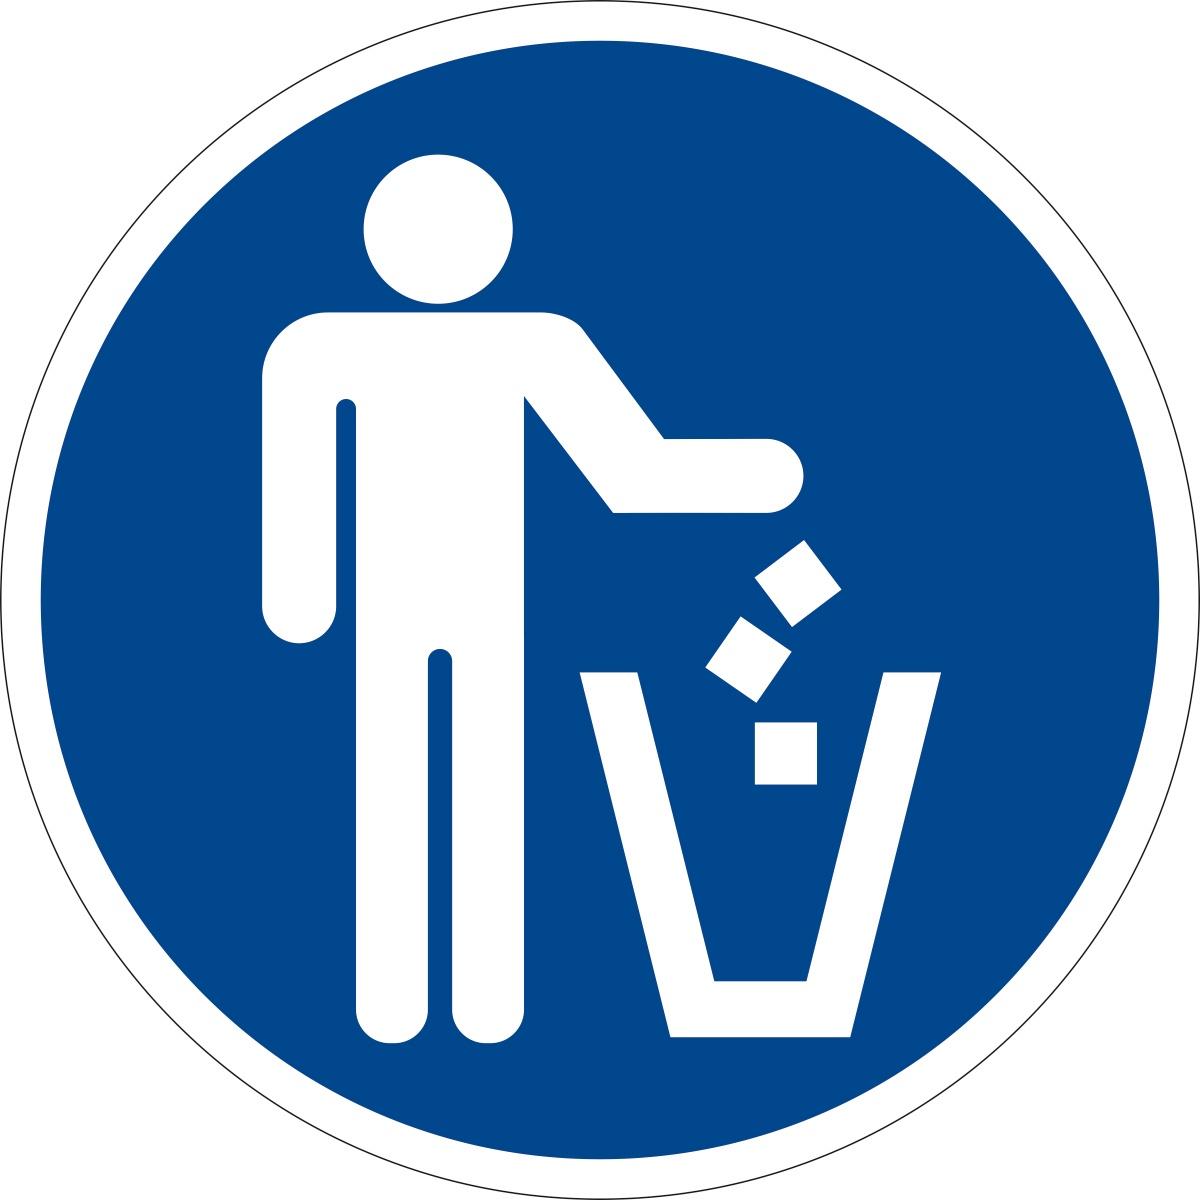 Наклейка ОранжевыйСлоник Место для мусора, INR02RGB, ВинилINR02RGBНаклейки информационные предназначены для предупреждения людей о непосредственной или возможной опасности, запрещения, предписания или разрешения определенных действий.